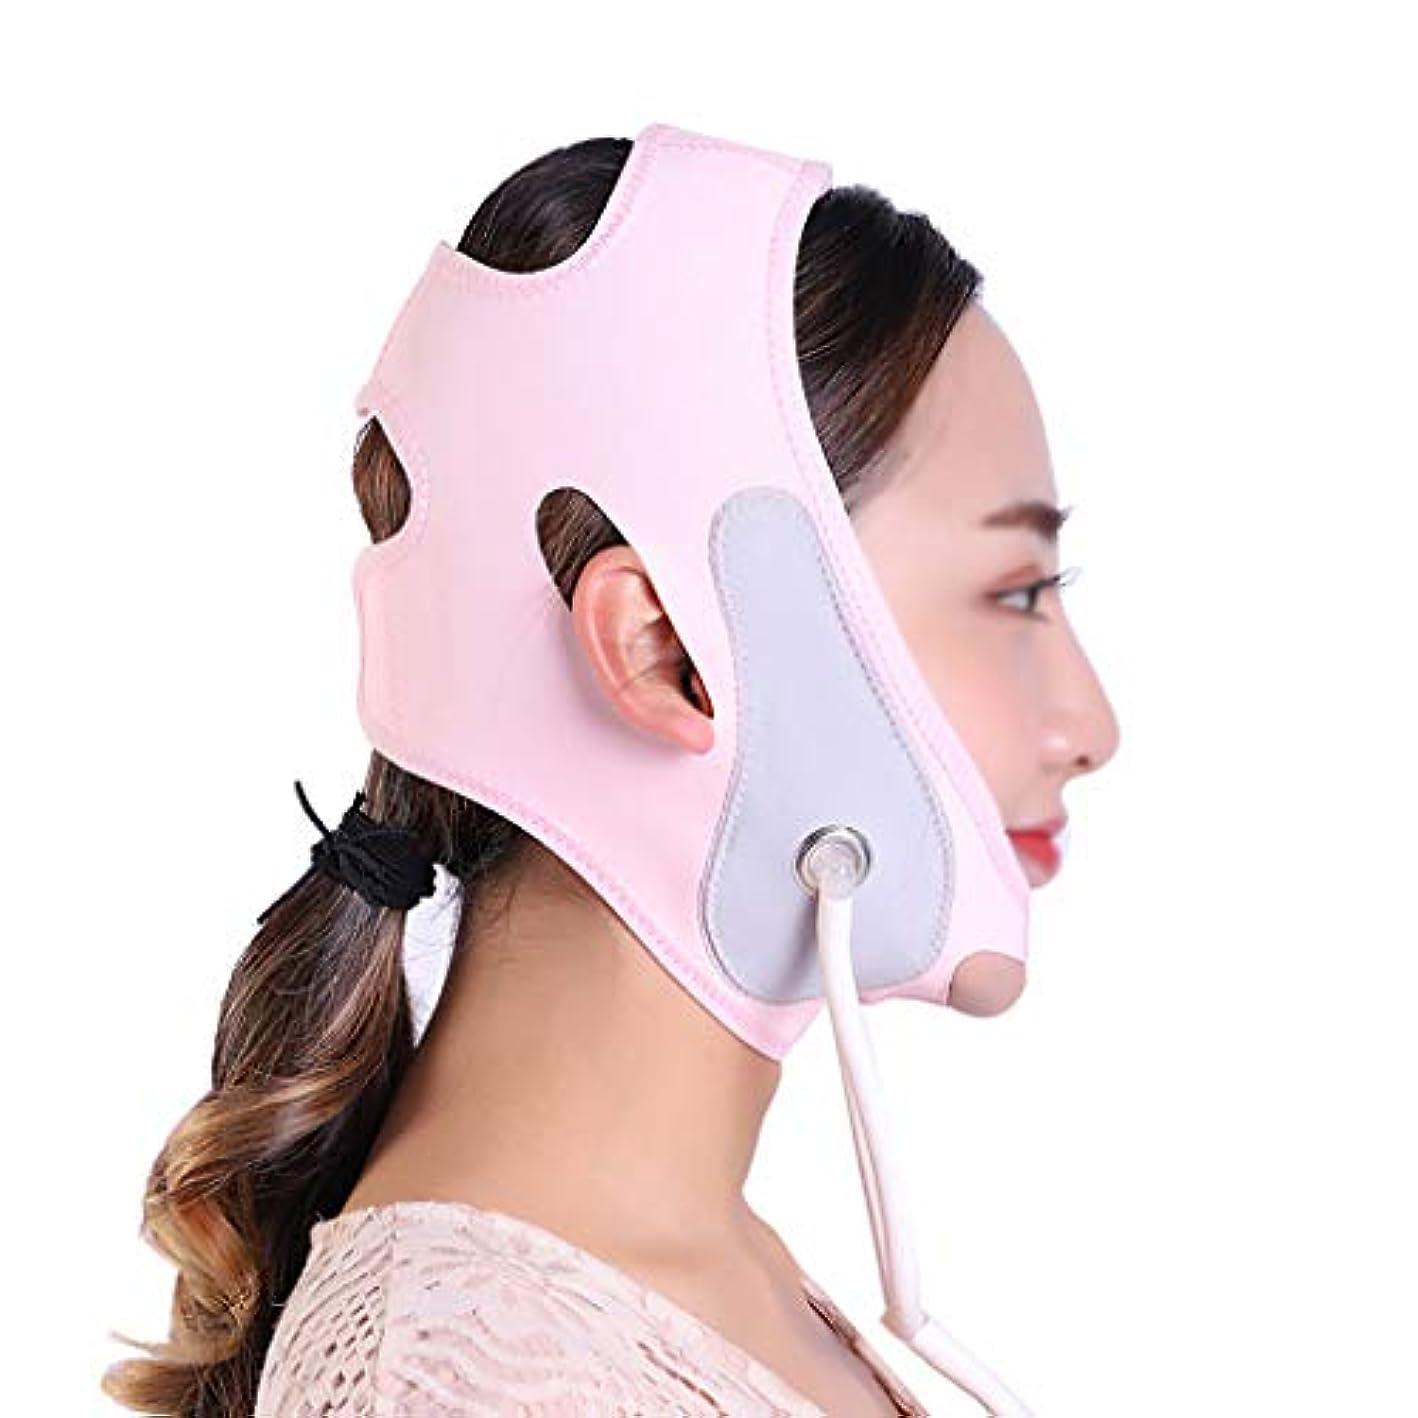 きれいにもっと少なくデモンストレーション顔と首のリフト後伸縮性のある袖の薄い顔のマスクの引き締めの改善咬筋の伸縮性のある薄い顔の弾性の包帯V顔のアーティファクト